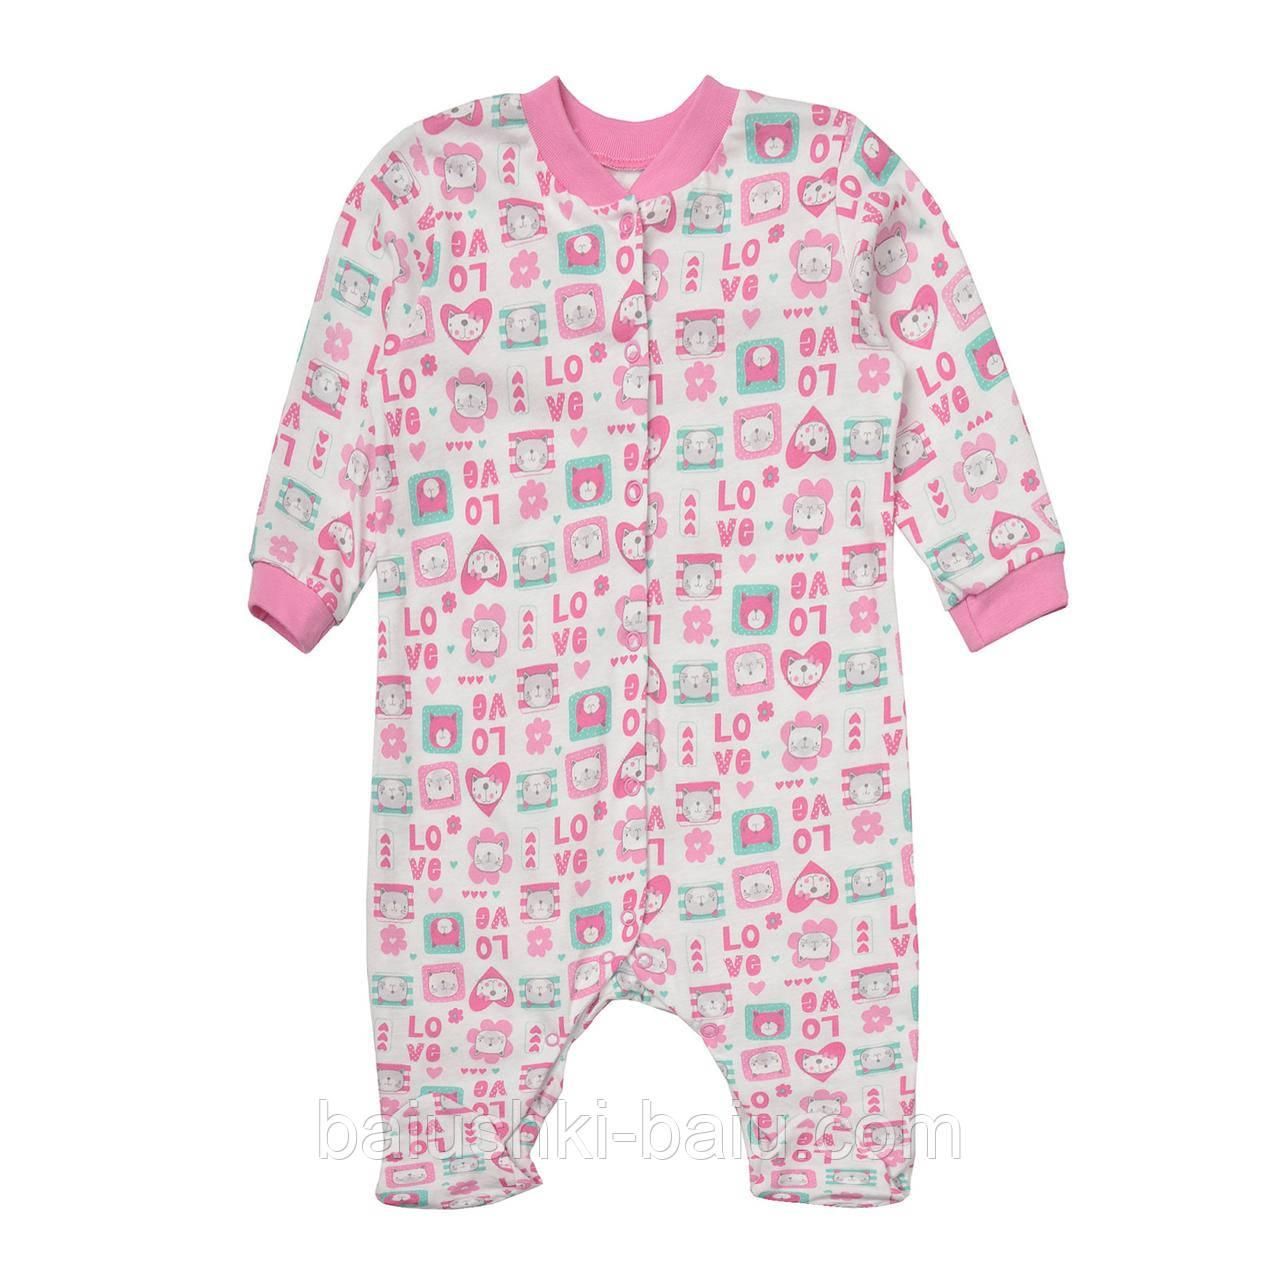 Человечек для новорожденной девочки (кулир)